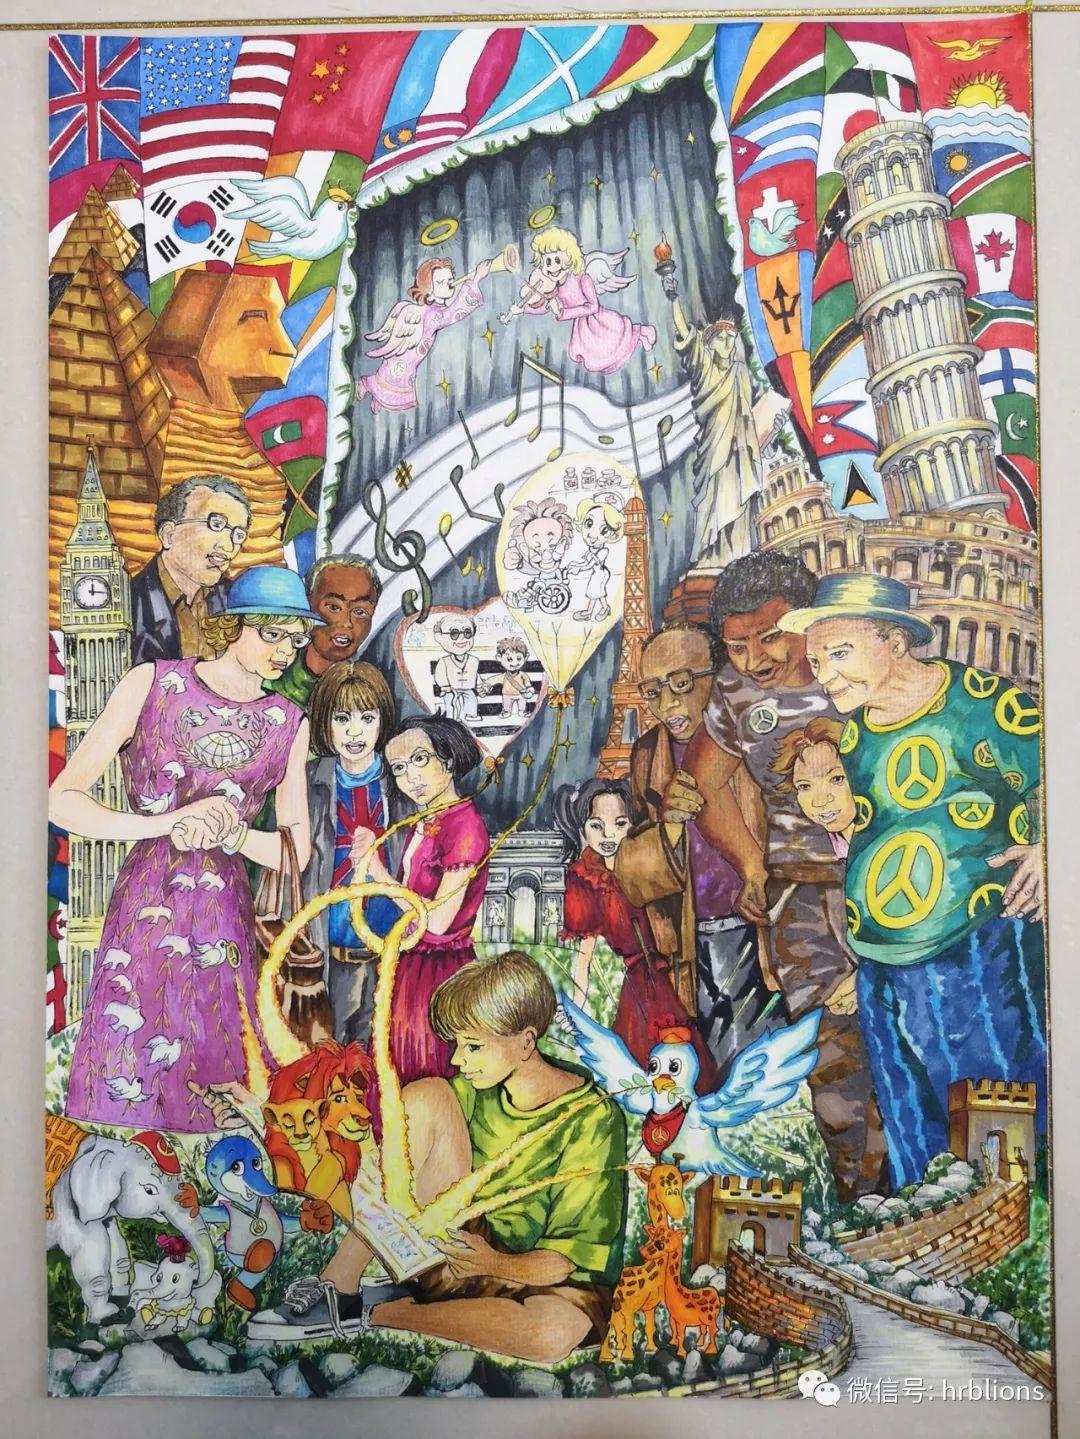 通知 关于2019 全国少年儿童世界和平海报作品征集活动哈尔滨展区 黑龙江地区 启动仪式的通知图片